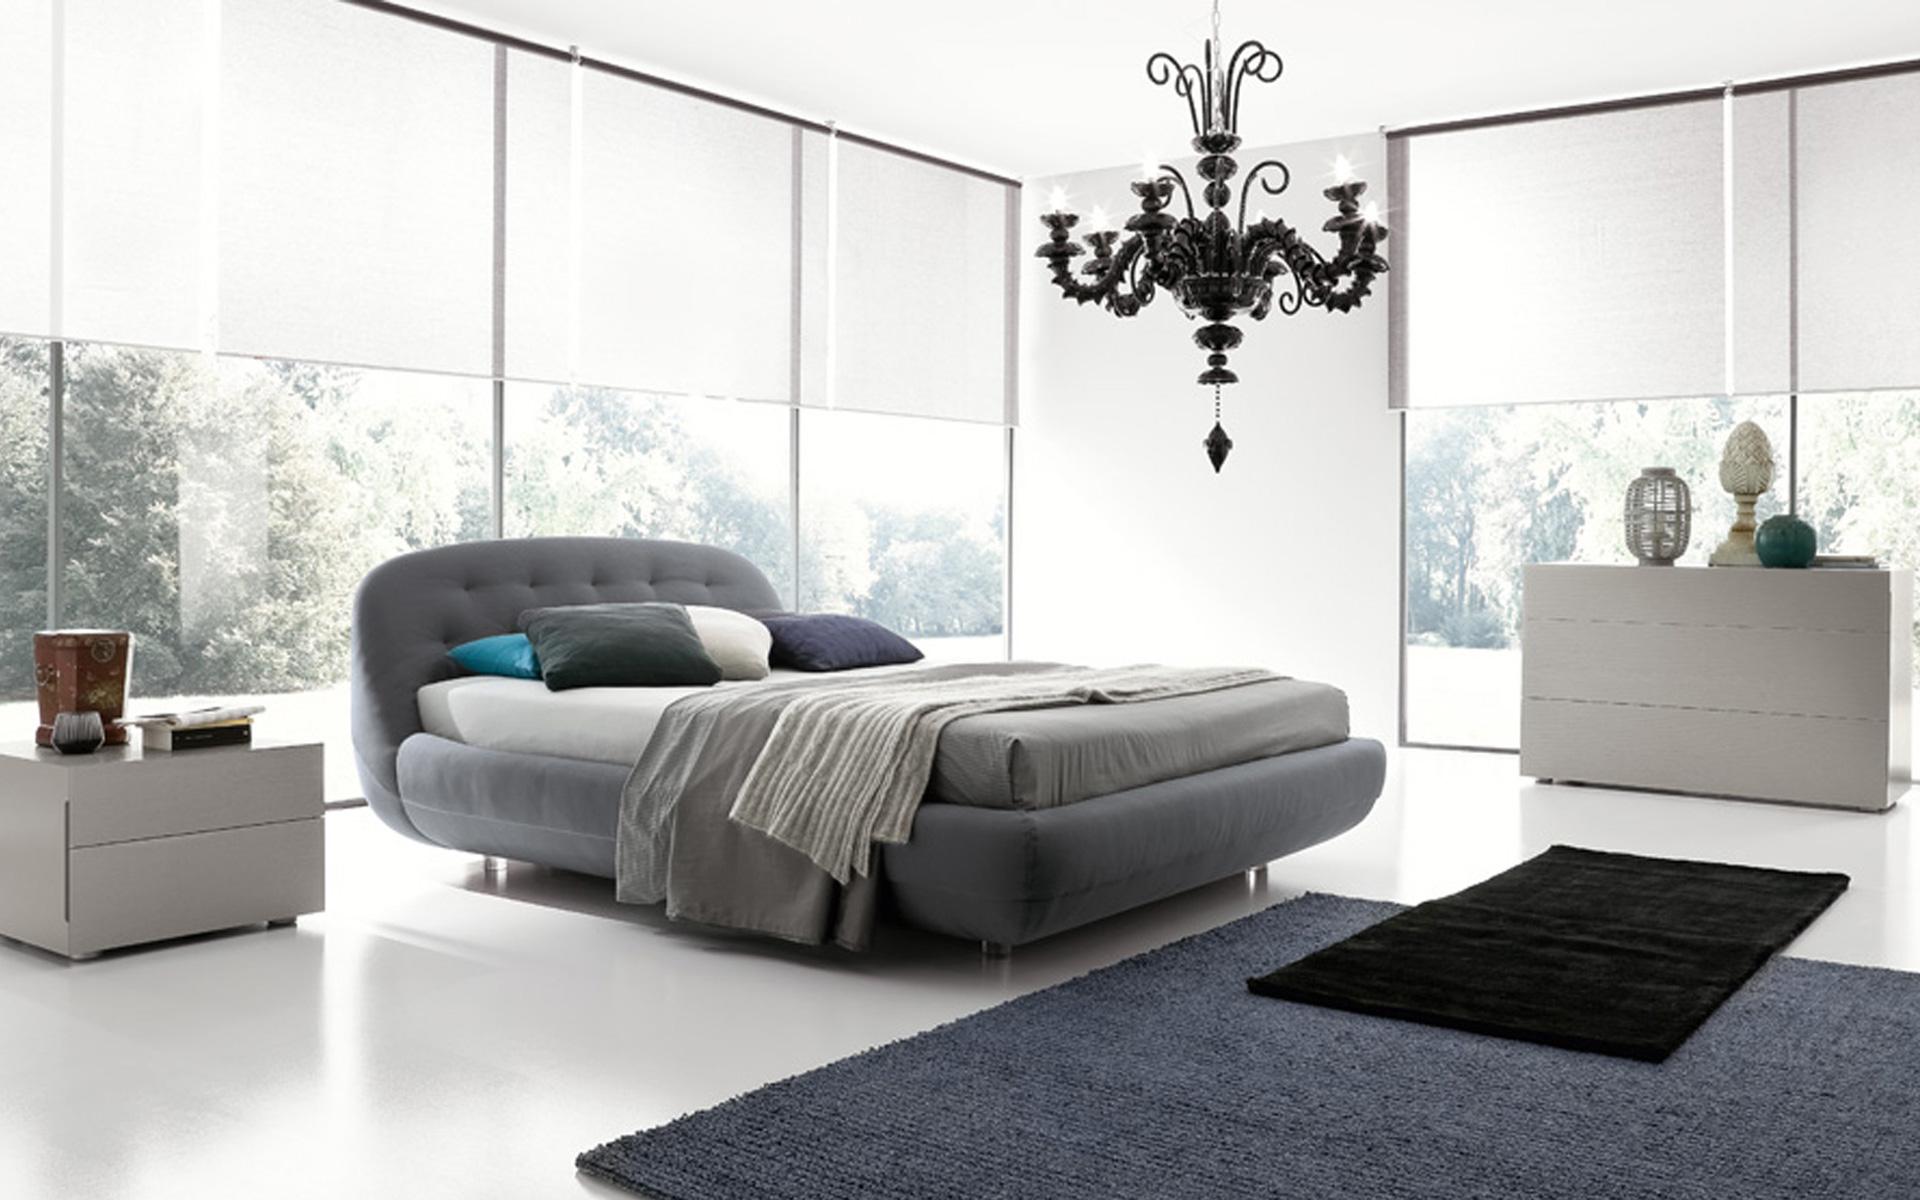 Rossetto arredamenti spa casa italia - Arredamenti per camere da letto ...